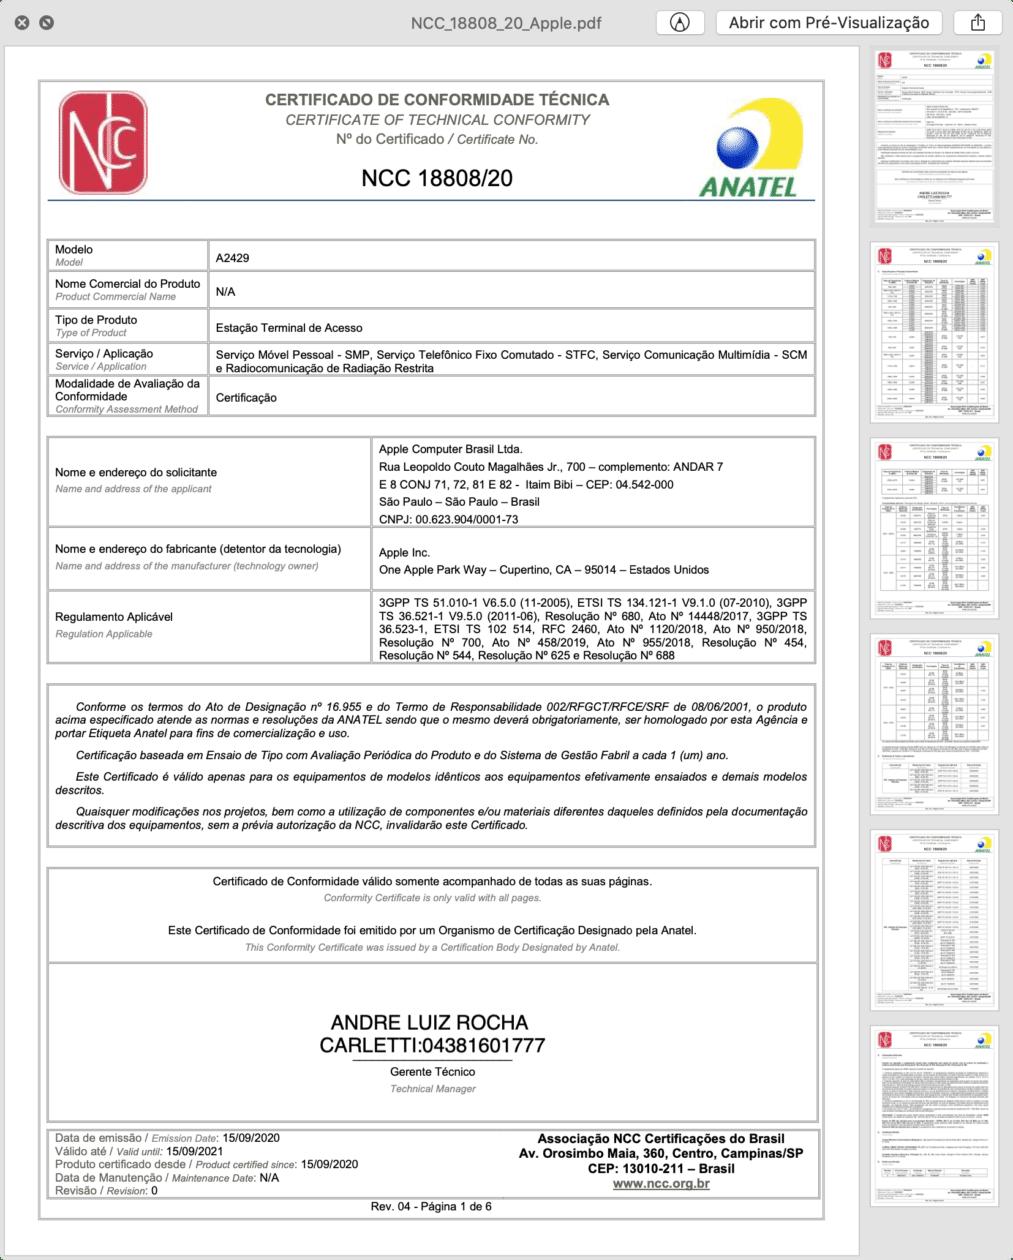 Certificado de Conformidade Técnica do novo iPad de 8ª geração Wi-Fi + Cellular